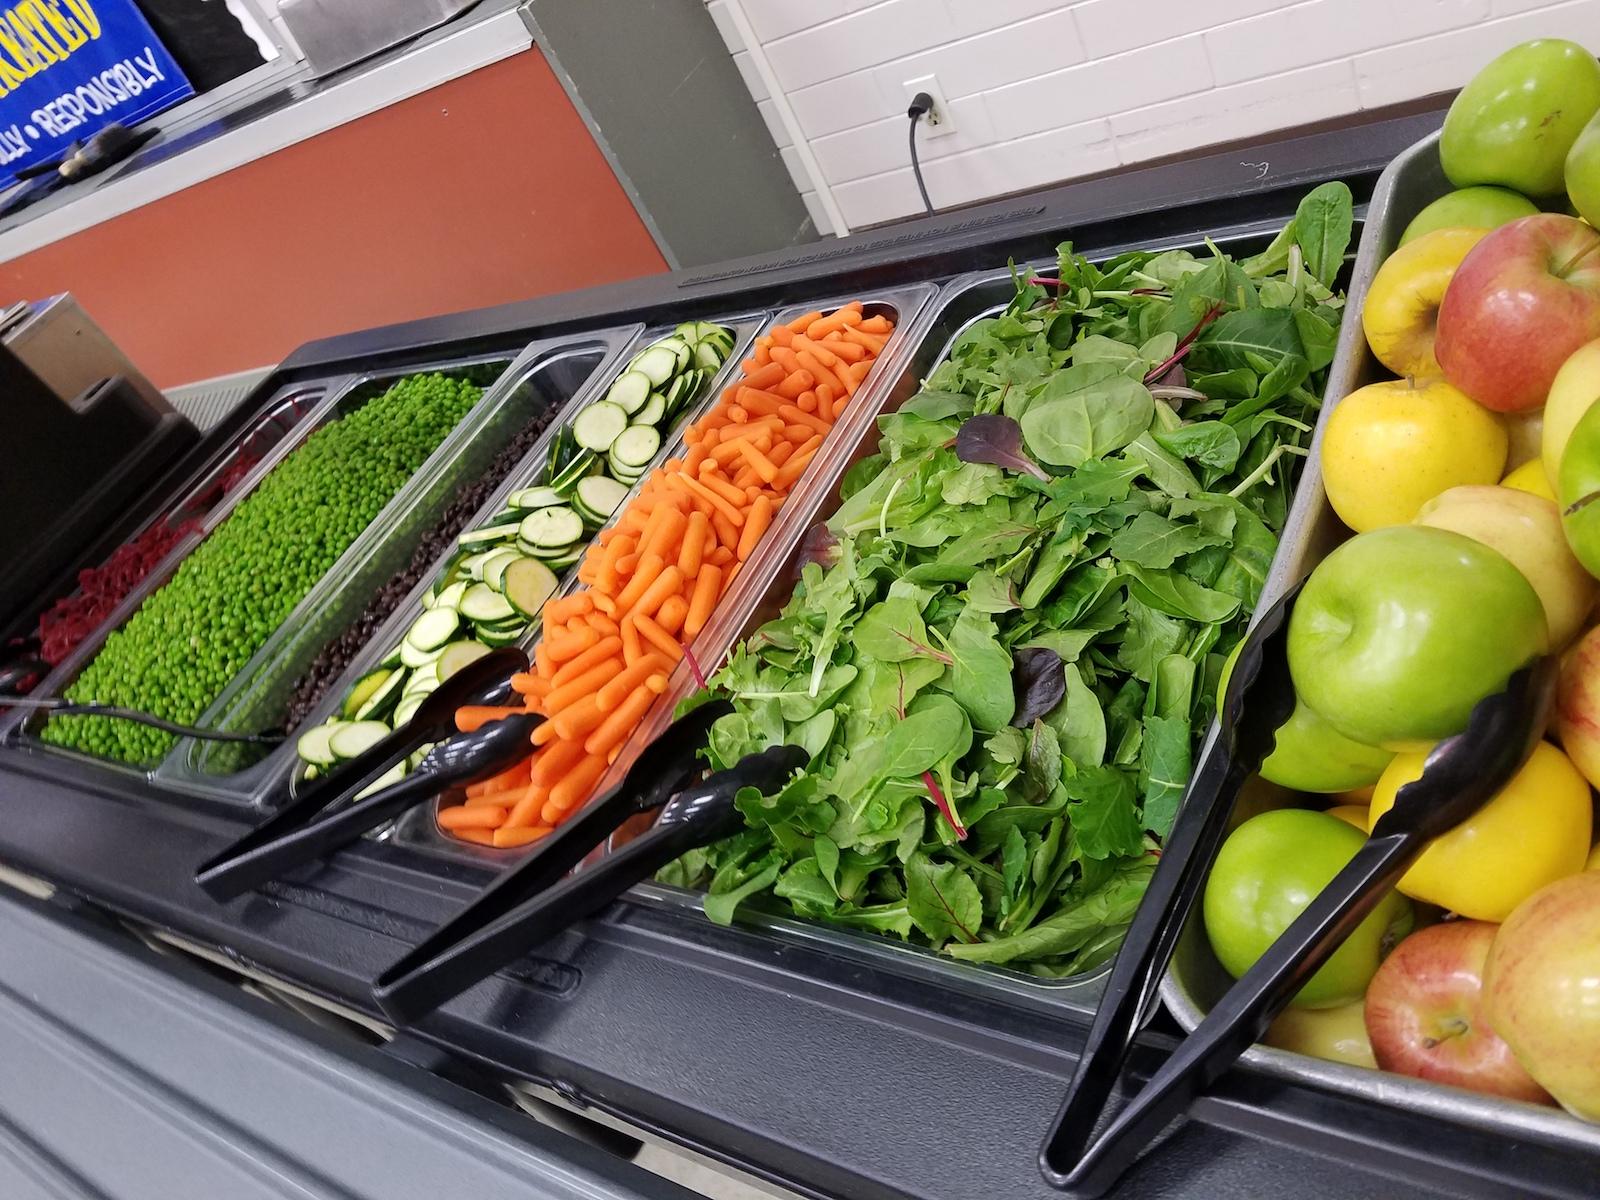 Ellensburg School District Salad Bar